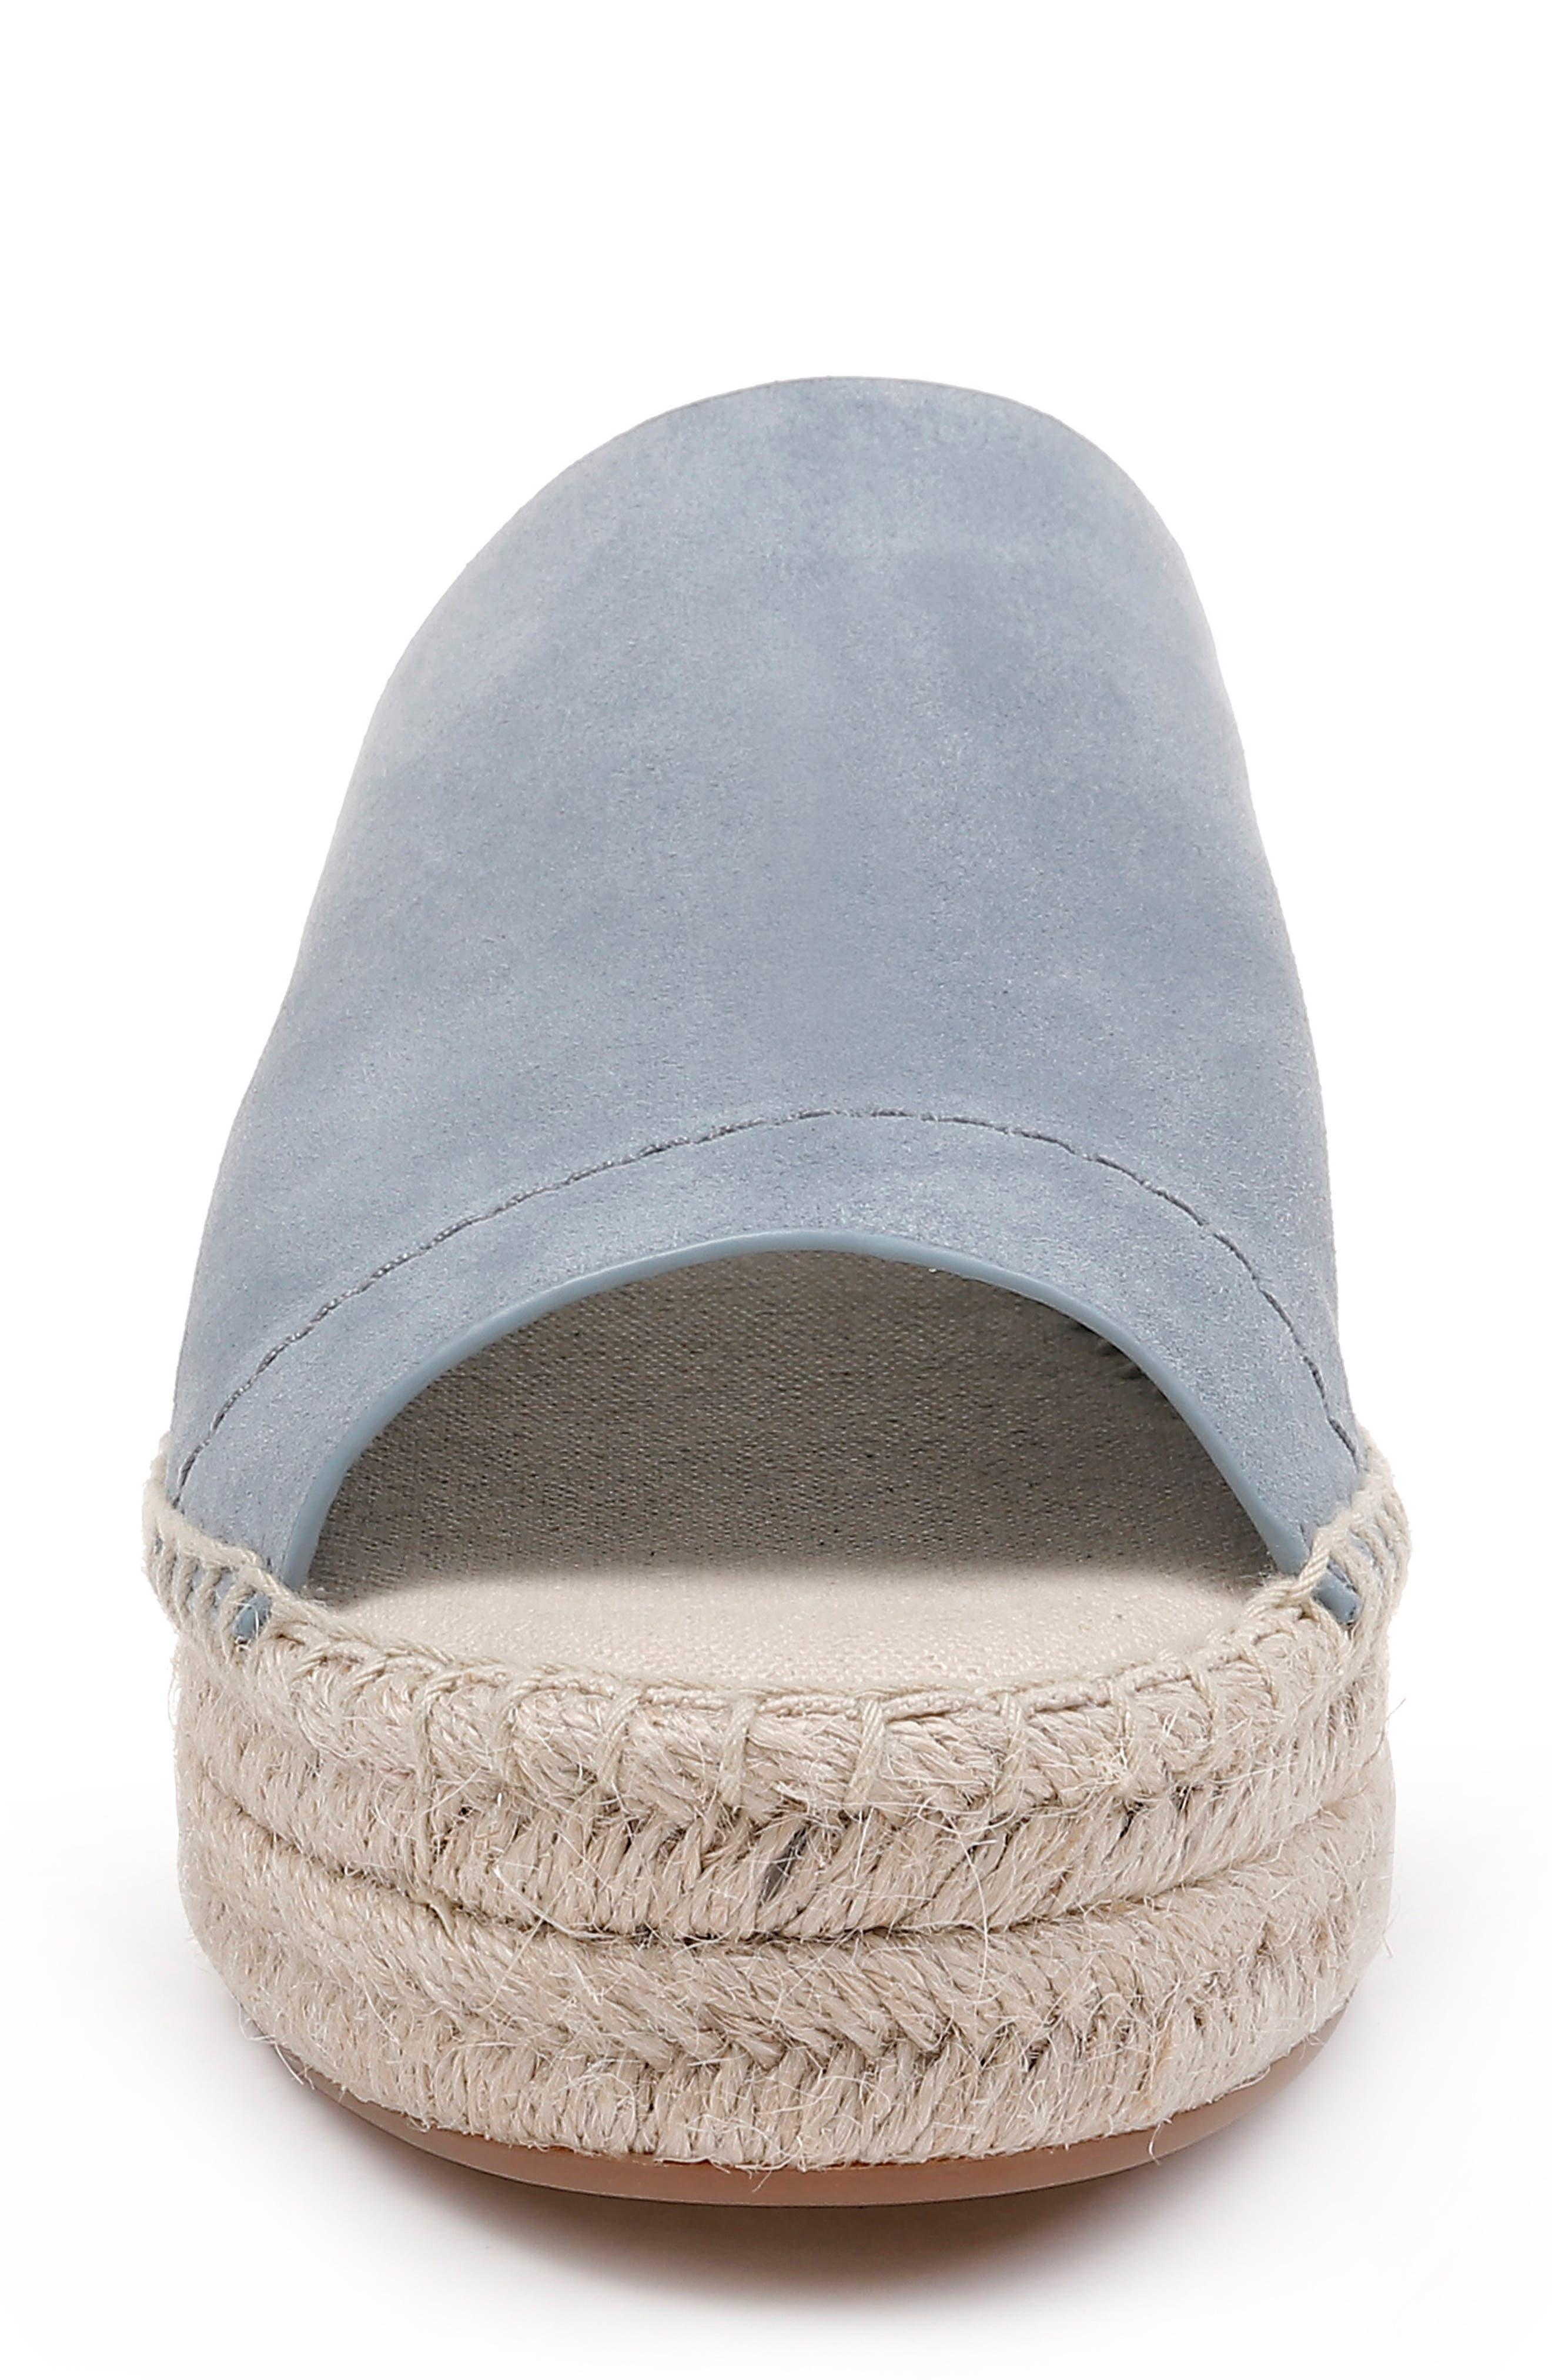 SPLENDID, Thaddeus Espadrille Slide Sandal, Alternate thumbnail 4, color, LIGHT BLUE SUEDE